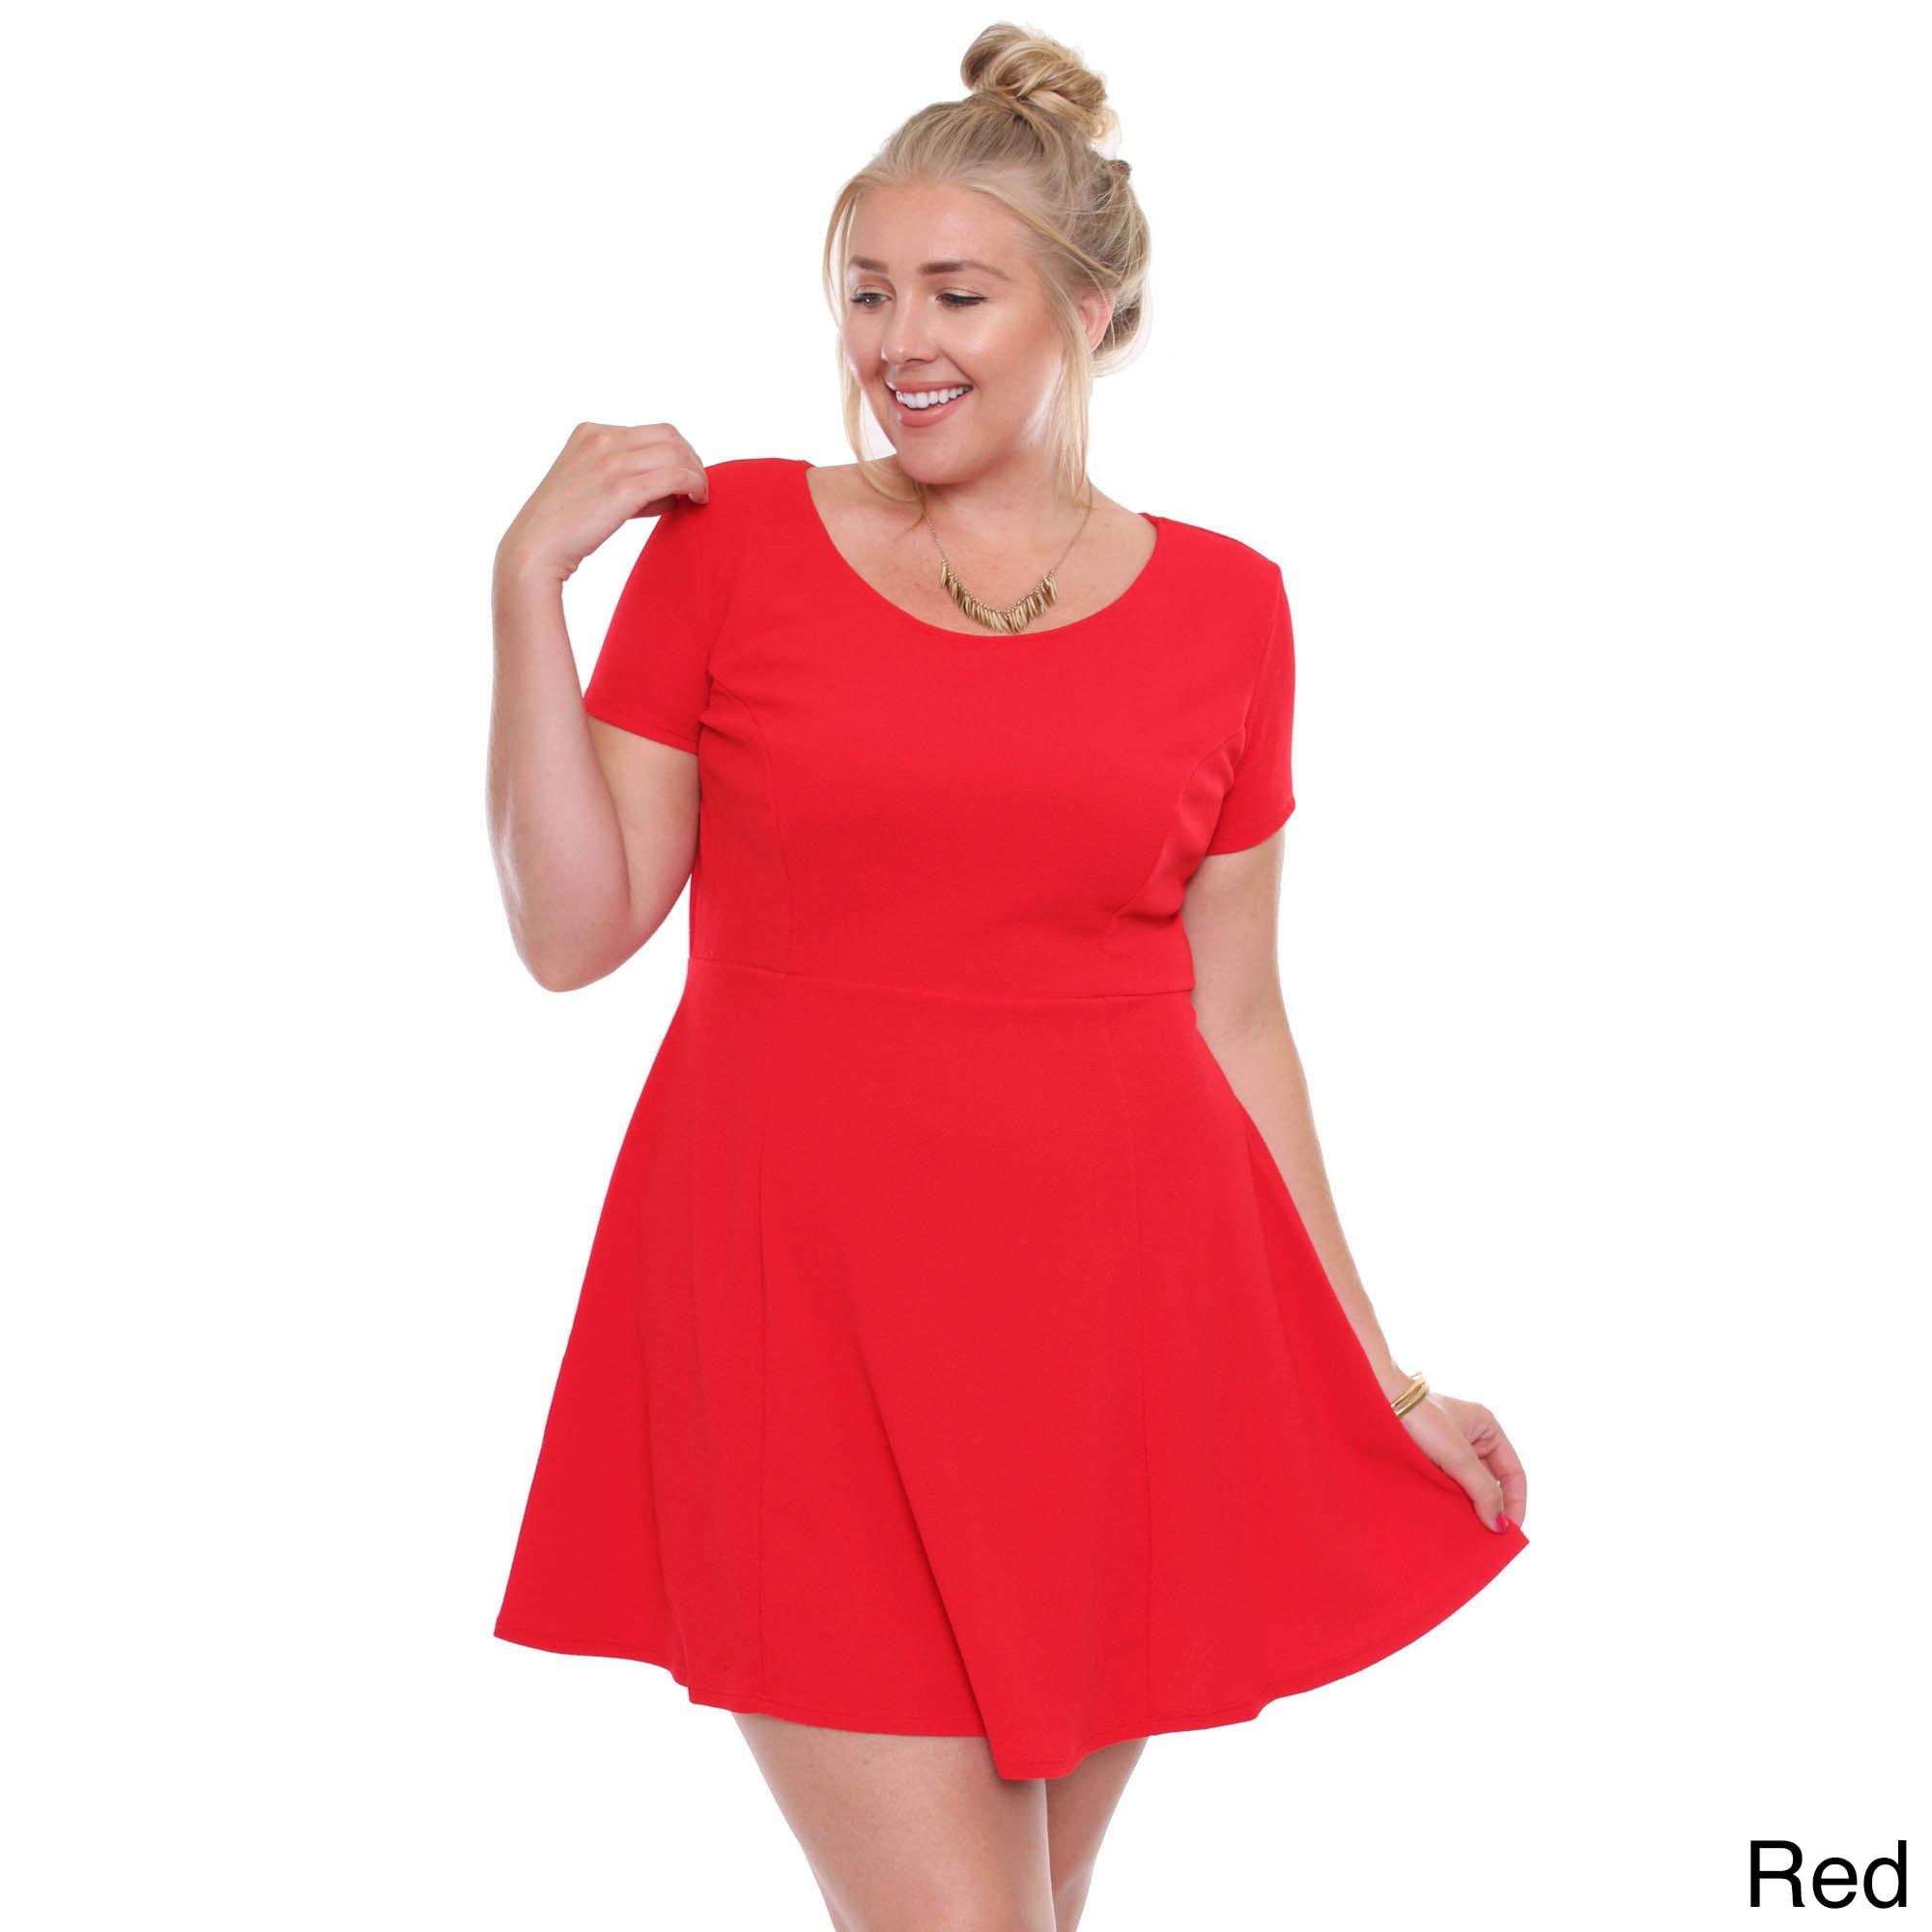 Women\'s Plus Size Red Short Sleeved Skater Dress